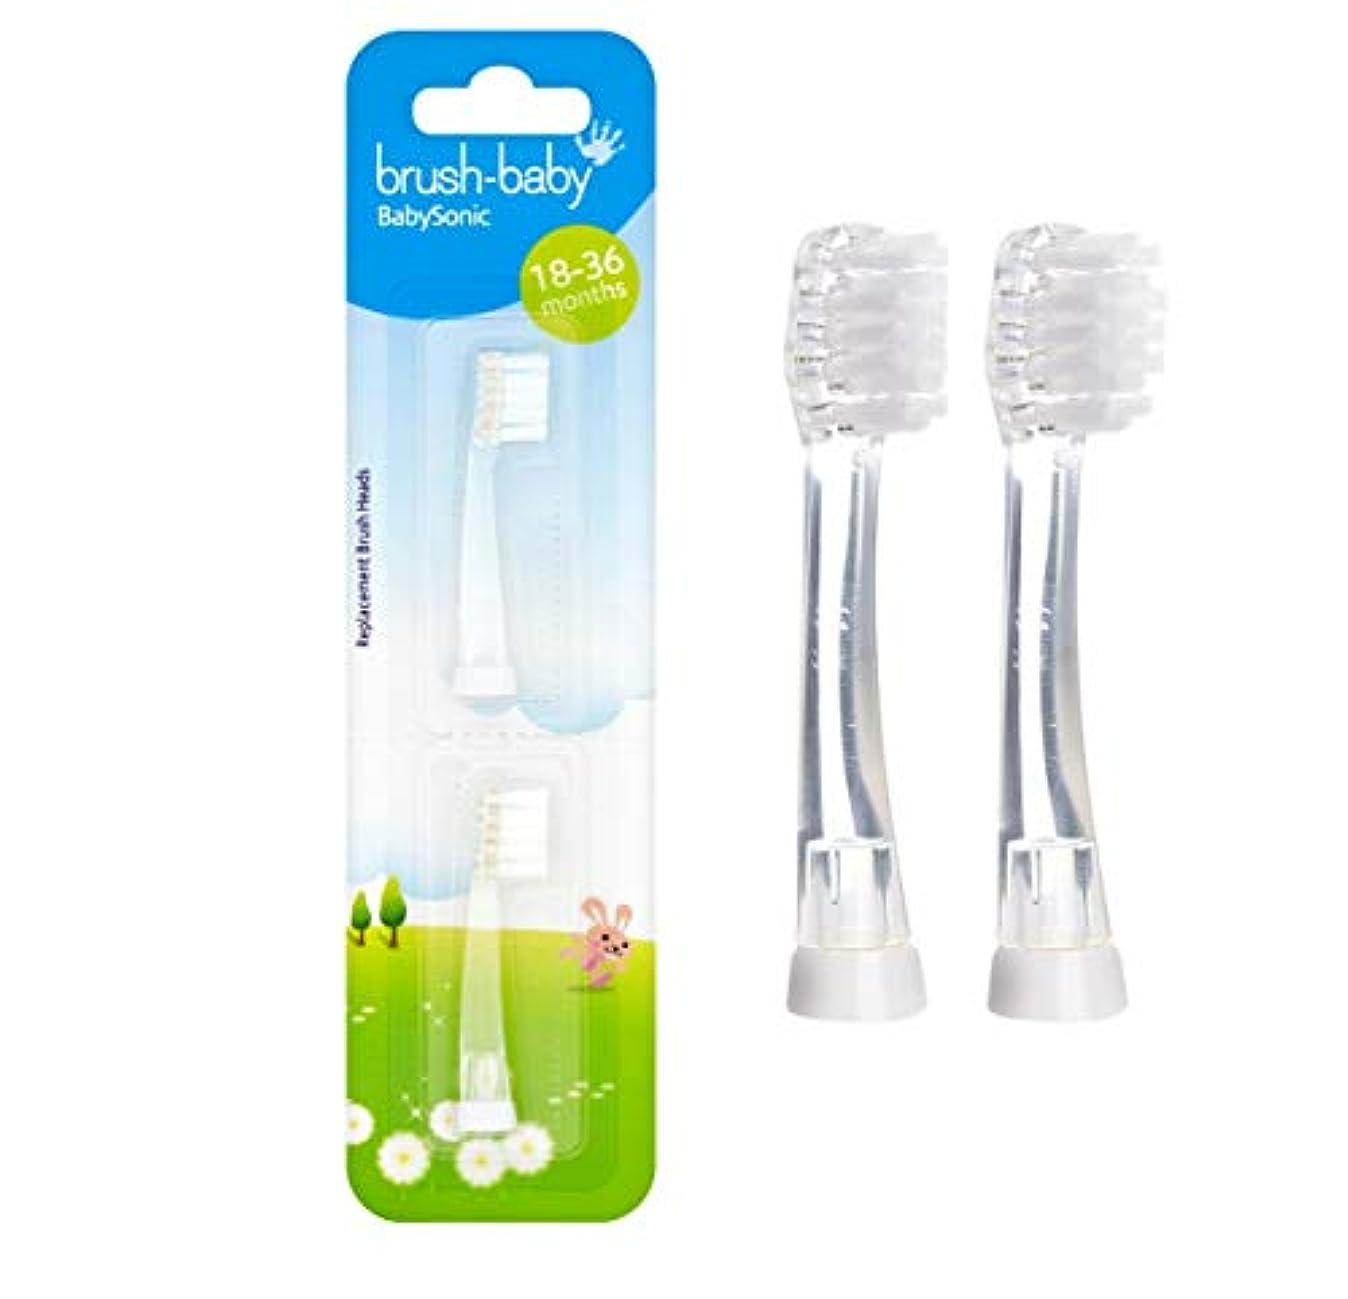 エトナ山視力機密Brush-Baby BabySonic 2 x Refill brush heads for 18-36 months - ブラシ - ベビーBabySonic 2 x詰め替えブラシヘッド18-36ヶ月間